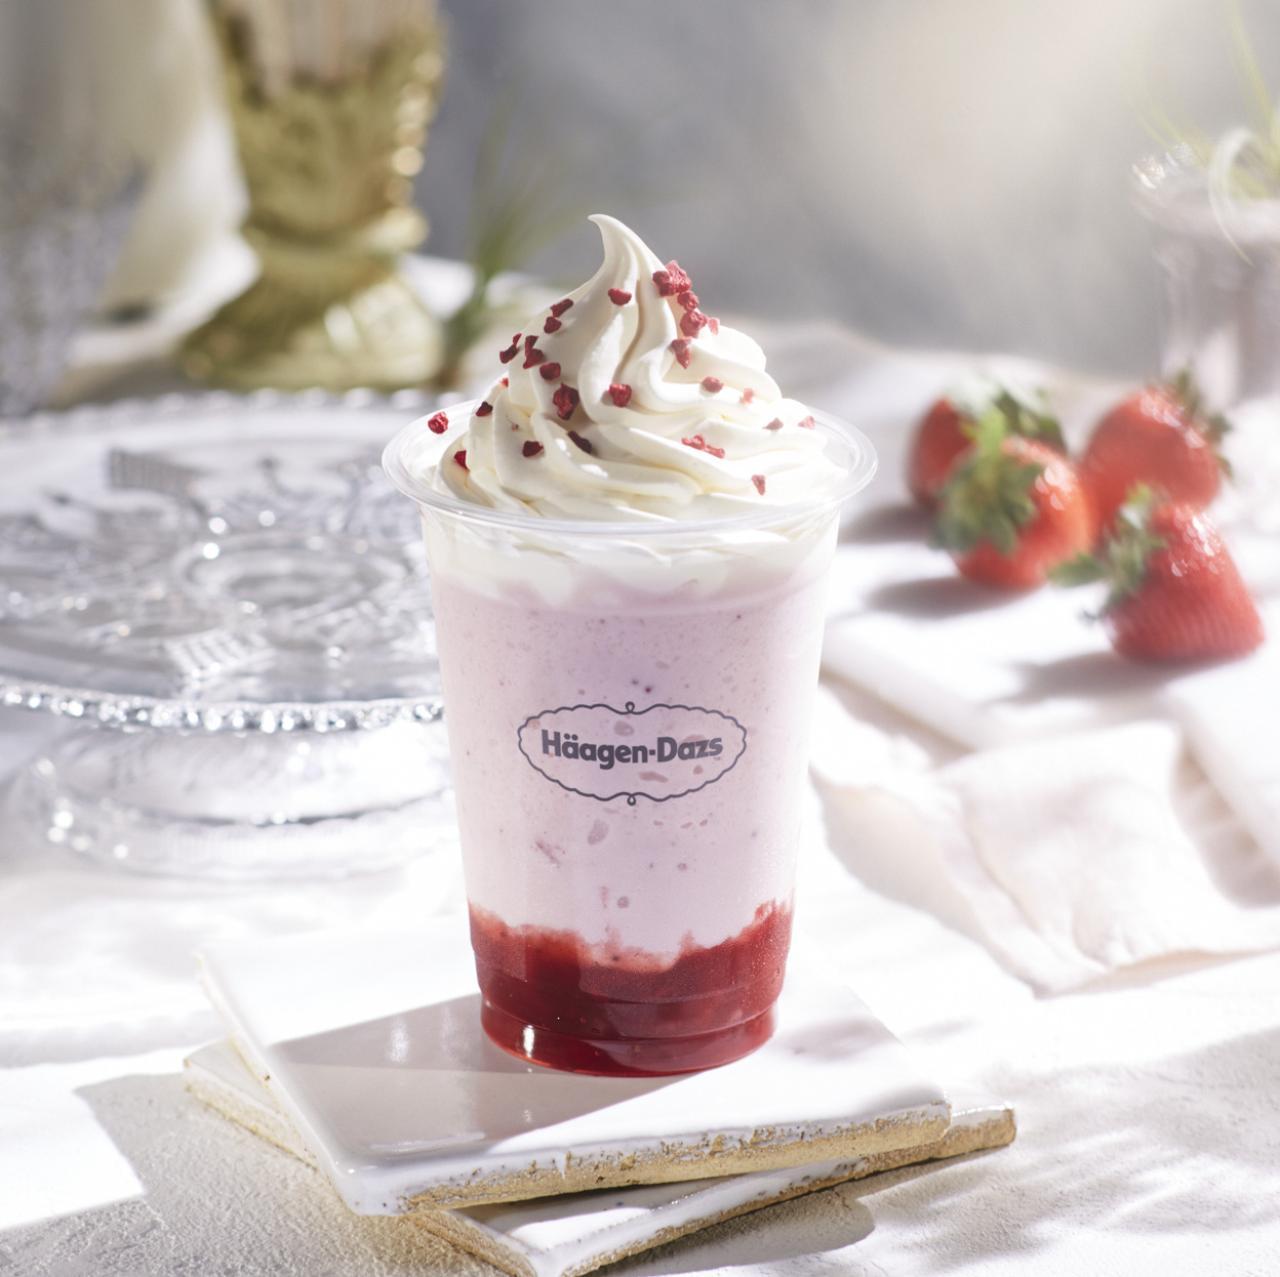 画像: ストロベリー シェイク with Häagen-Dazs strawberry ice cream ¥480(税抜き)